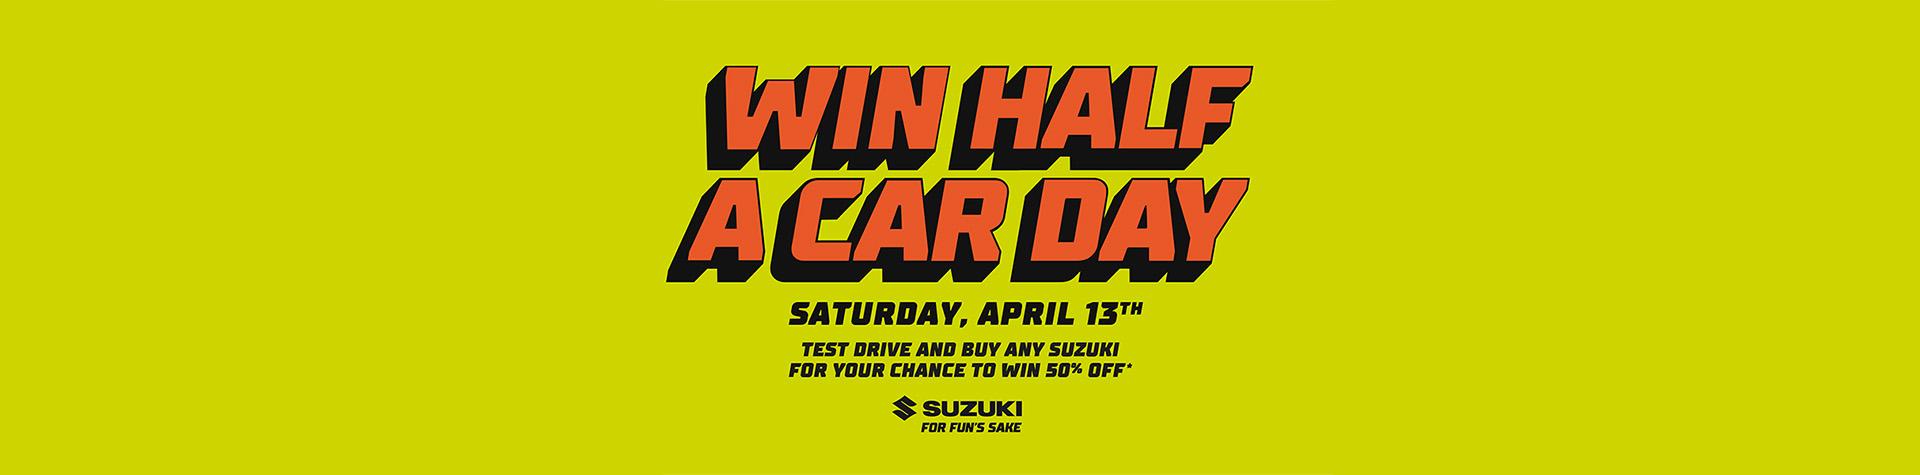 Suzuki - Win Half A Car